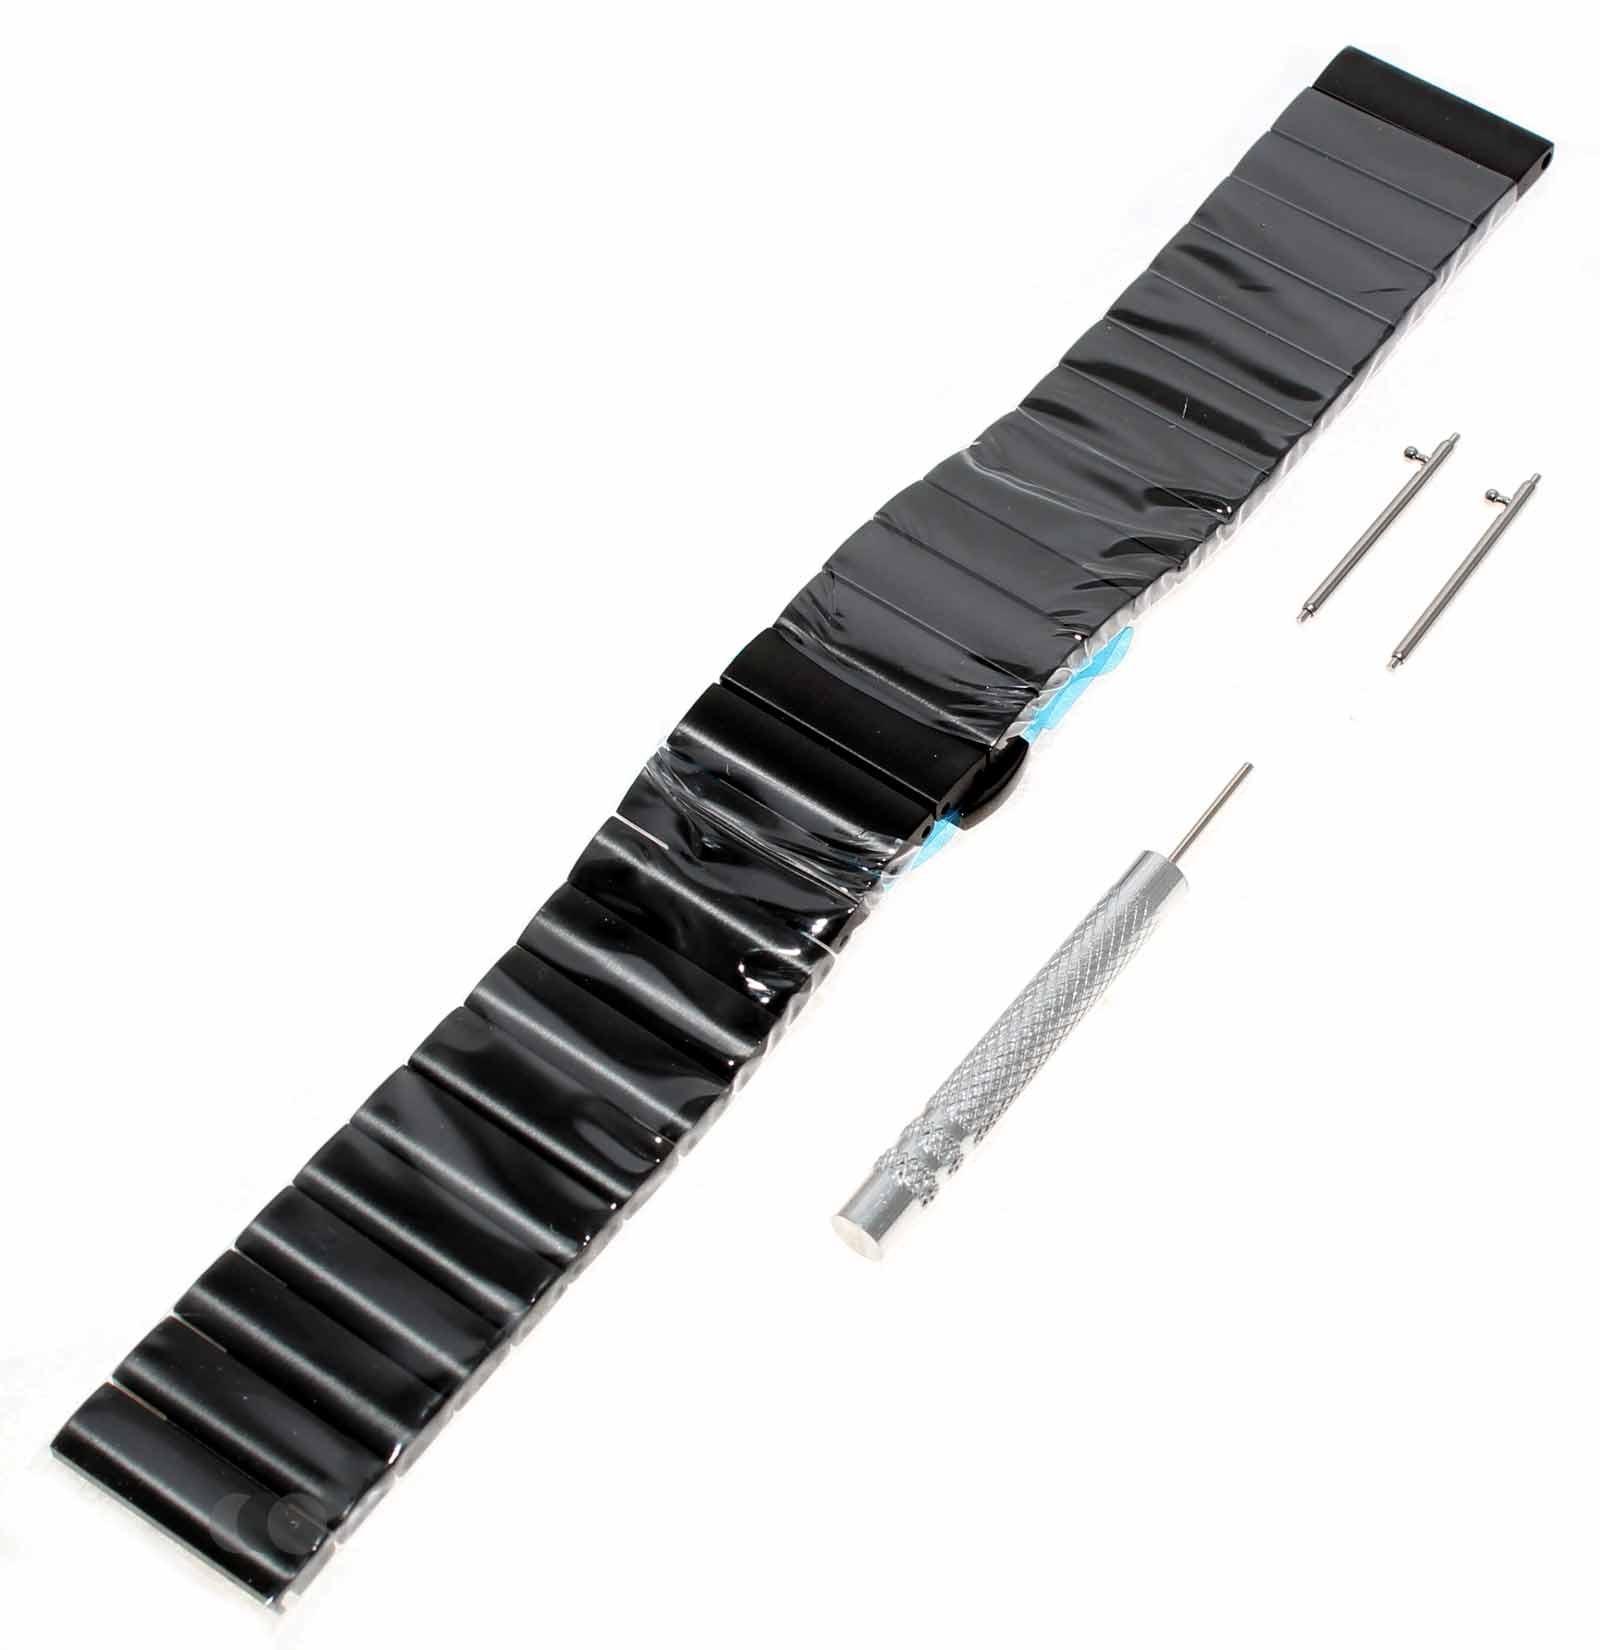 Alternatives Ersatz Uhren Armband (Watch band) für Samsung Gear S3 u.a. Smartwatches, Fitnesstracker aus Edelstahl in der Farbe schwarz, mit 22mm Breite